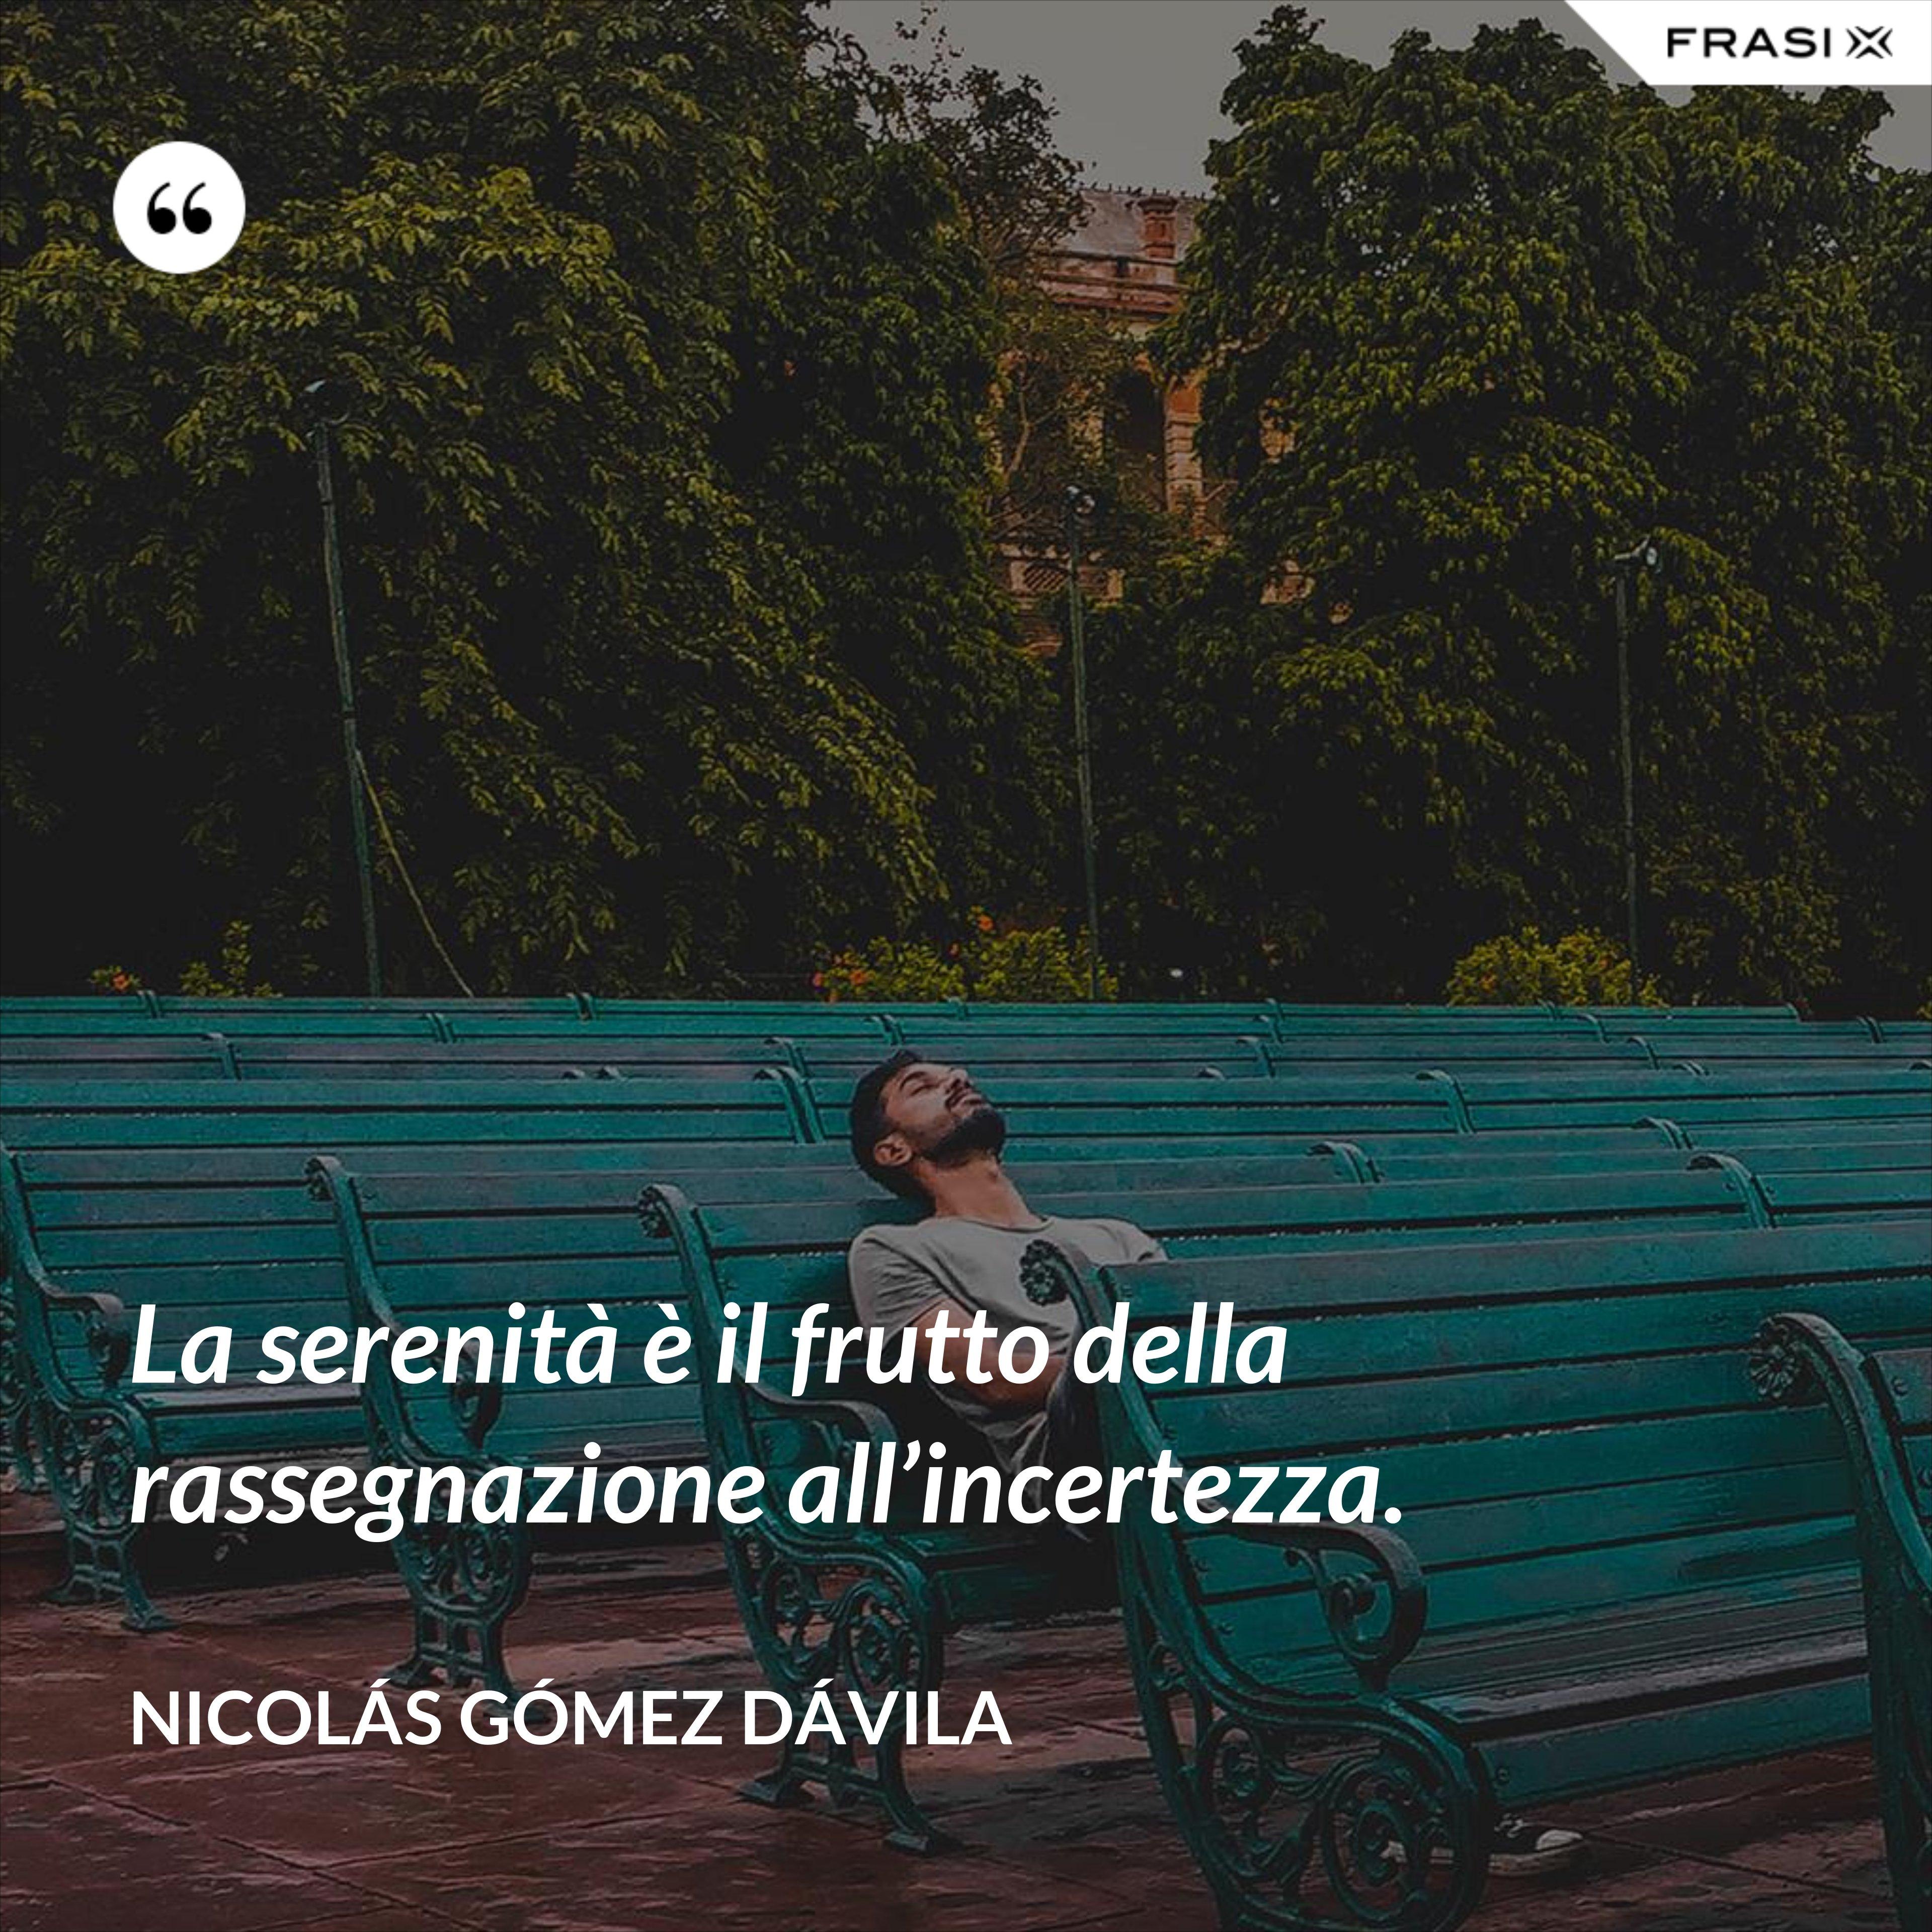 La serenità è il frutto della rassegnazione all'incertezza. - Nicolás Gómez Dávila